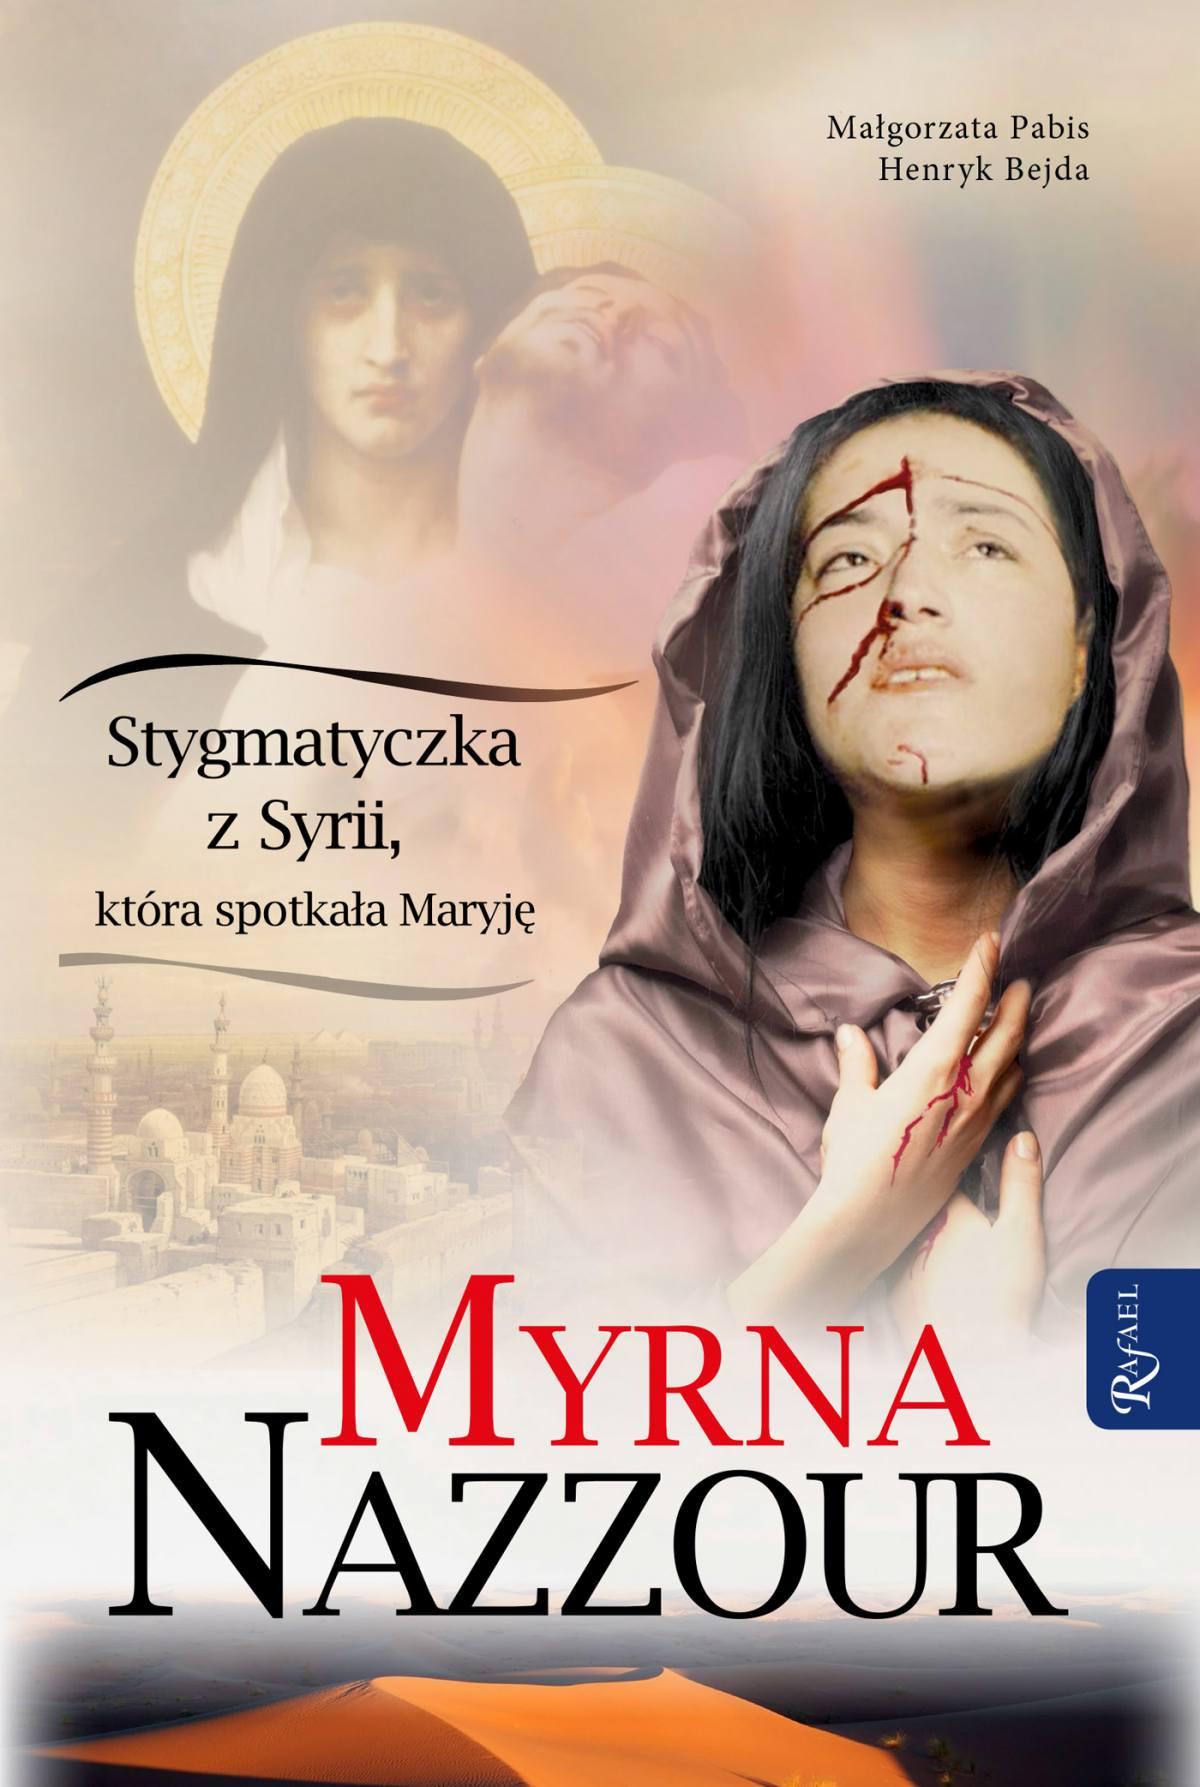 Myrna Nazzour. Stygmatyczka z Syrii, która spotkała Maryję - Ebook (Książka PDF) do pobrania w formacie PDF